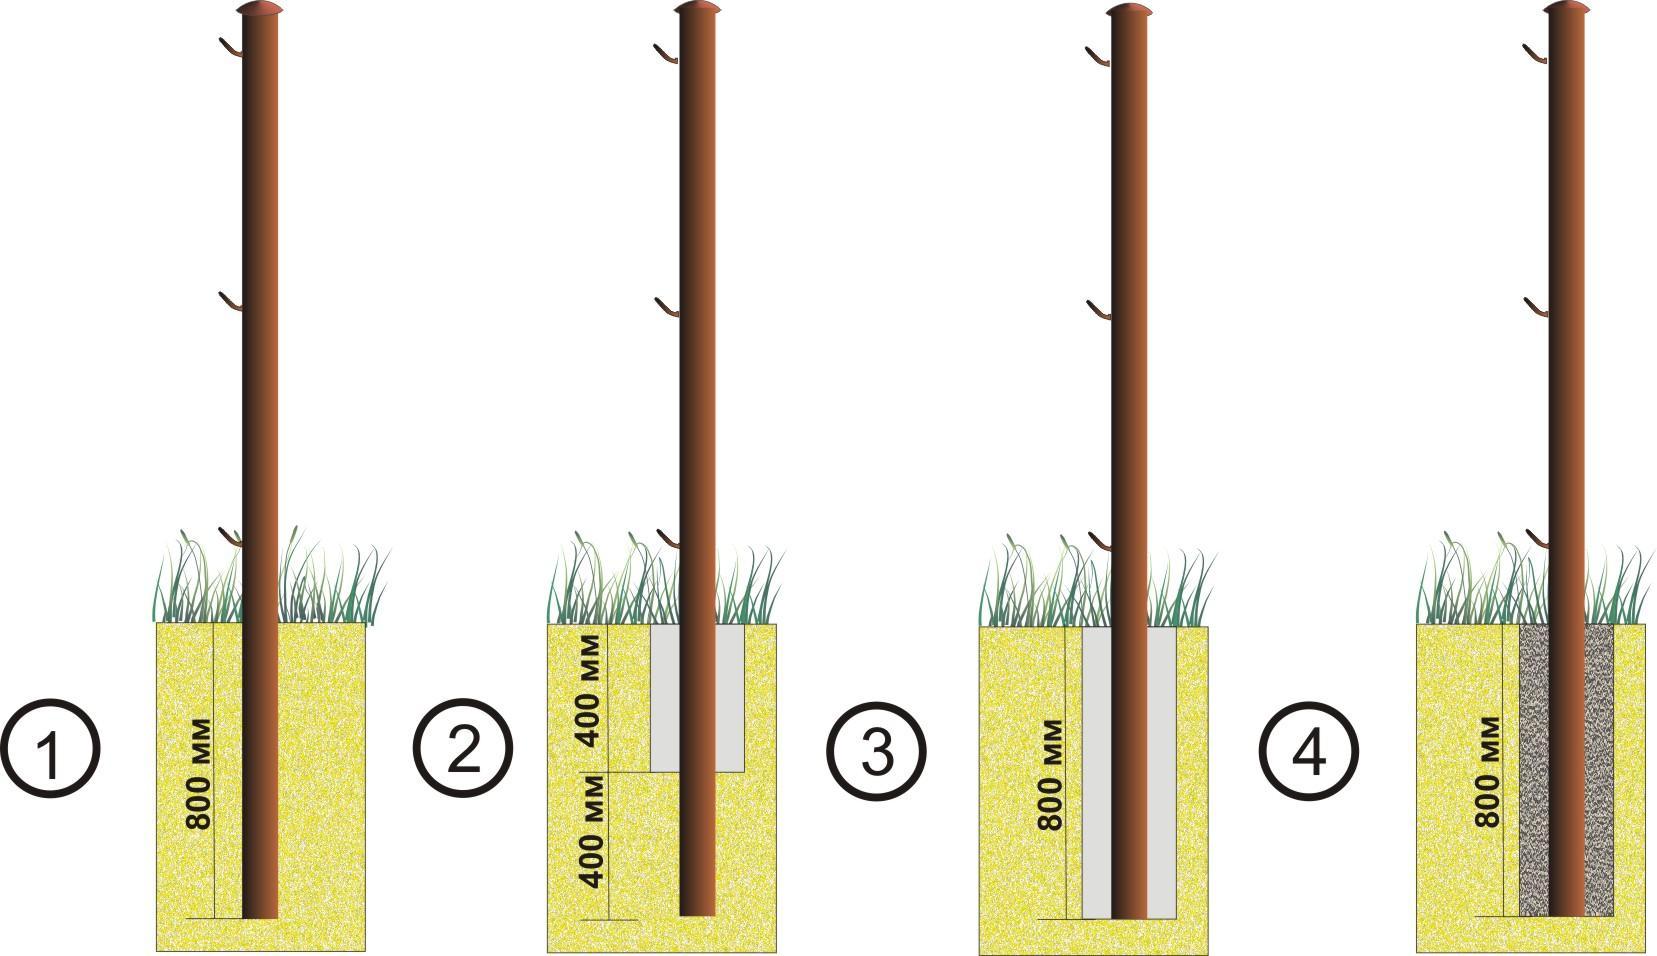 Пошаговая иллюстрация установки столбов